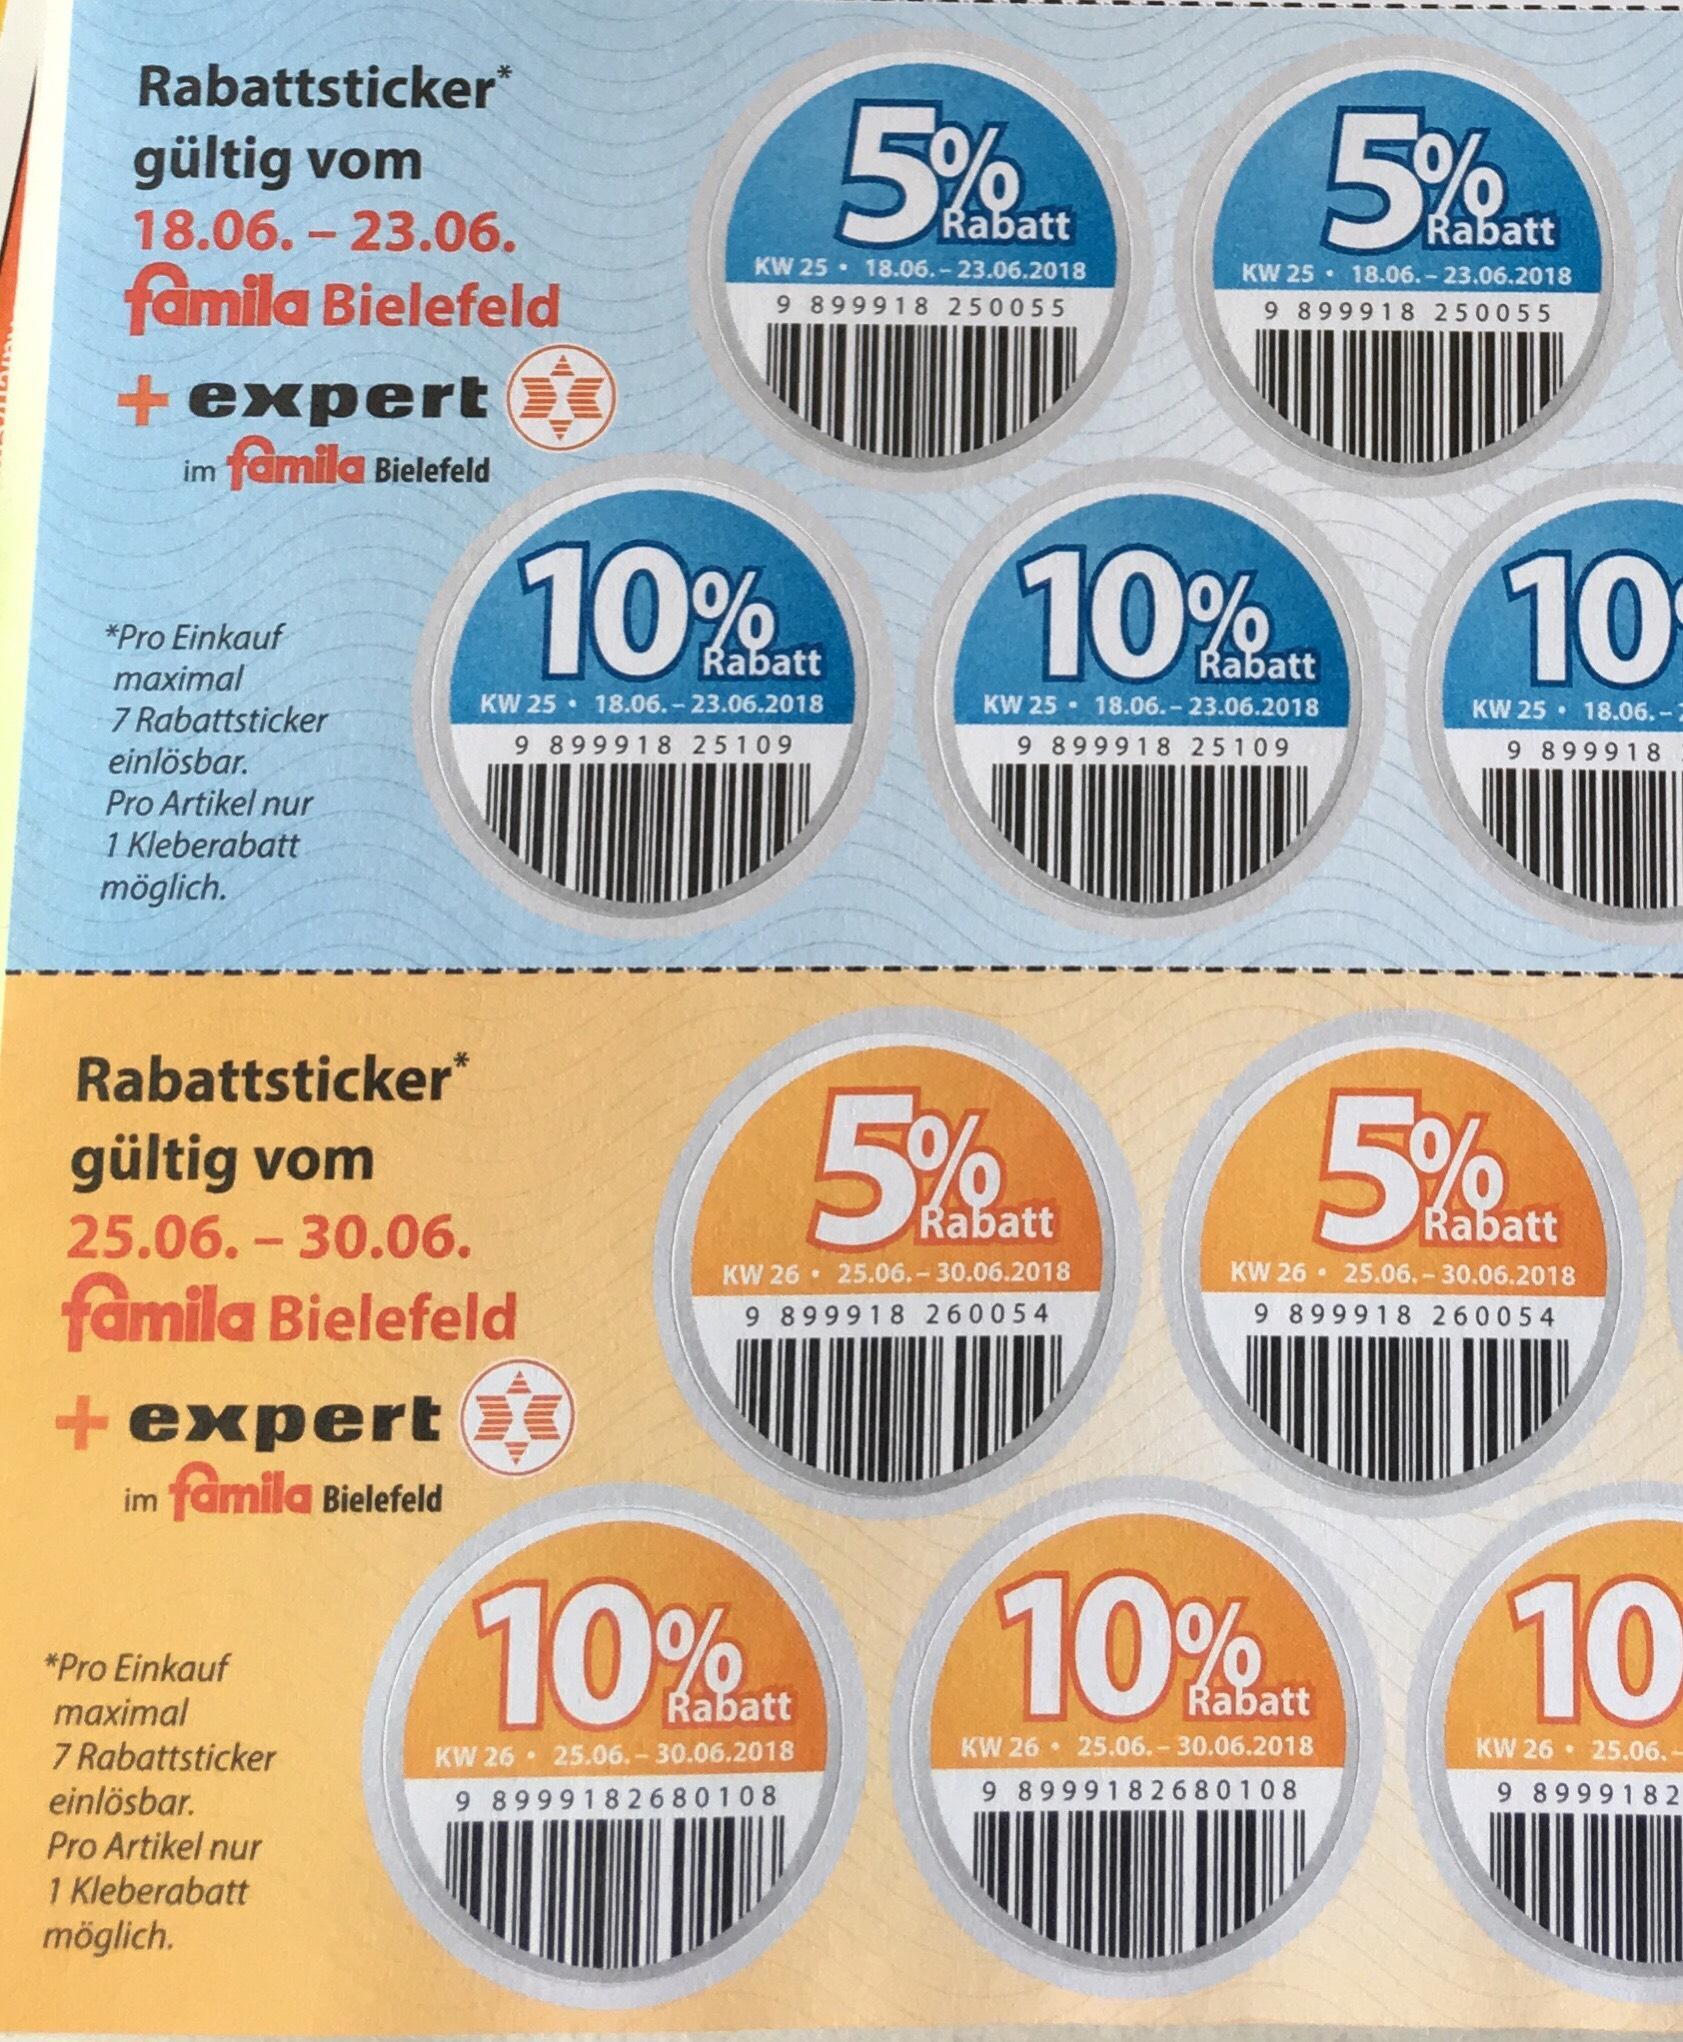 [Lokal Bielefeld] 10% bei famila und expert. Bei expert z.B.: Nintendo Switch, PS4, TV Fernseher...